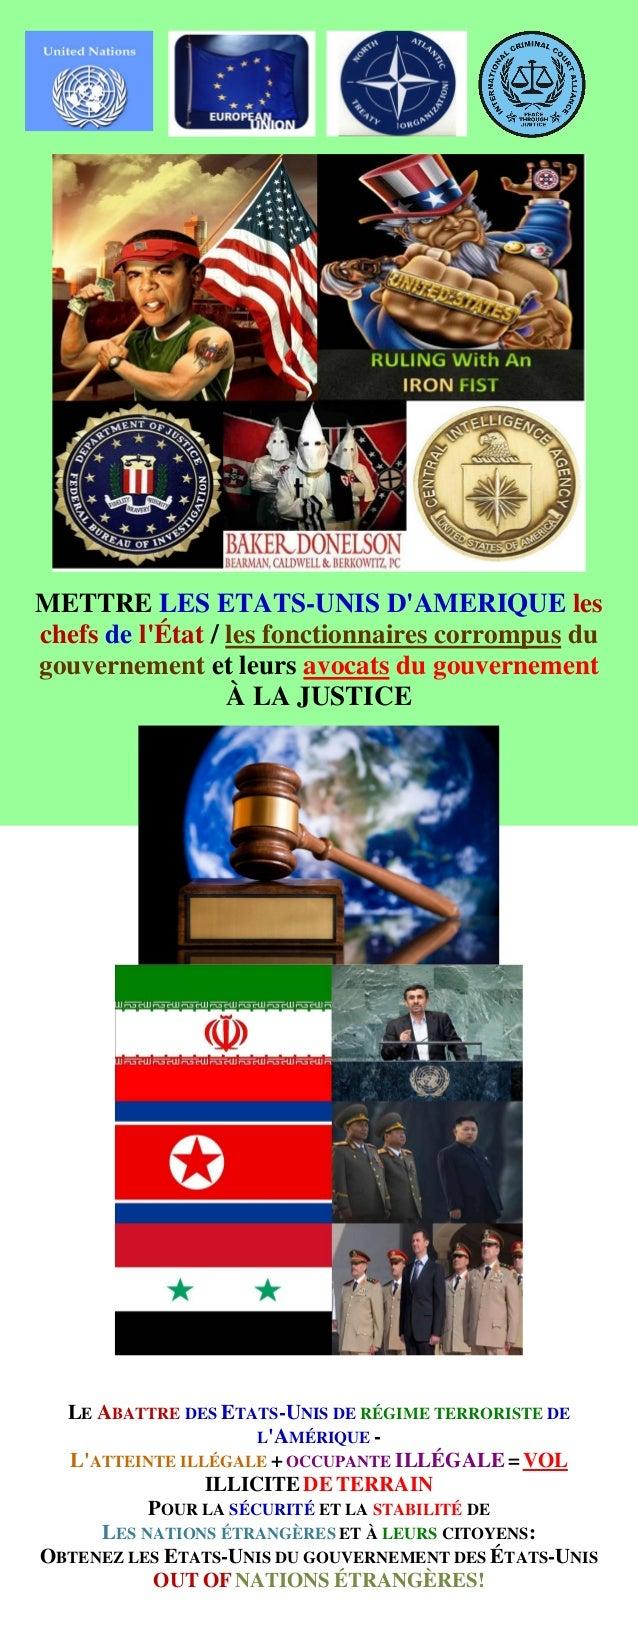 METTRE LES ETATS-UNIS D'AMERIQUE les chefs de l'État / les fonctionnaires corrompus du gouvernement et leurs avocats du go...